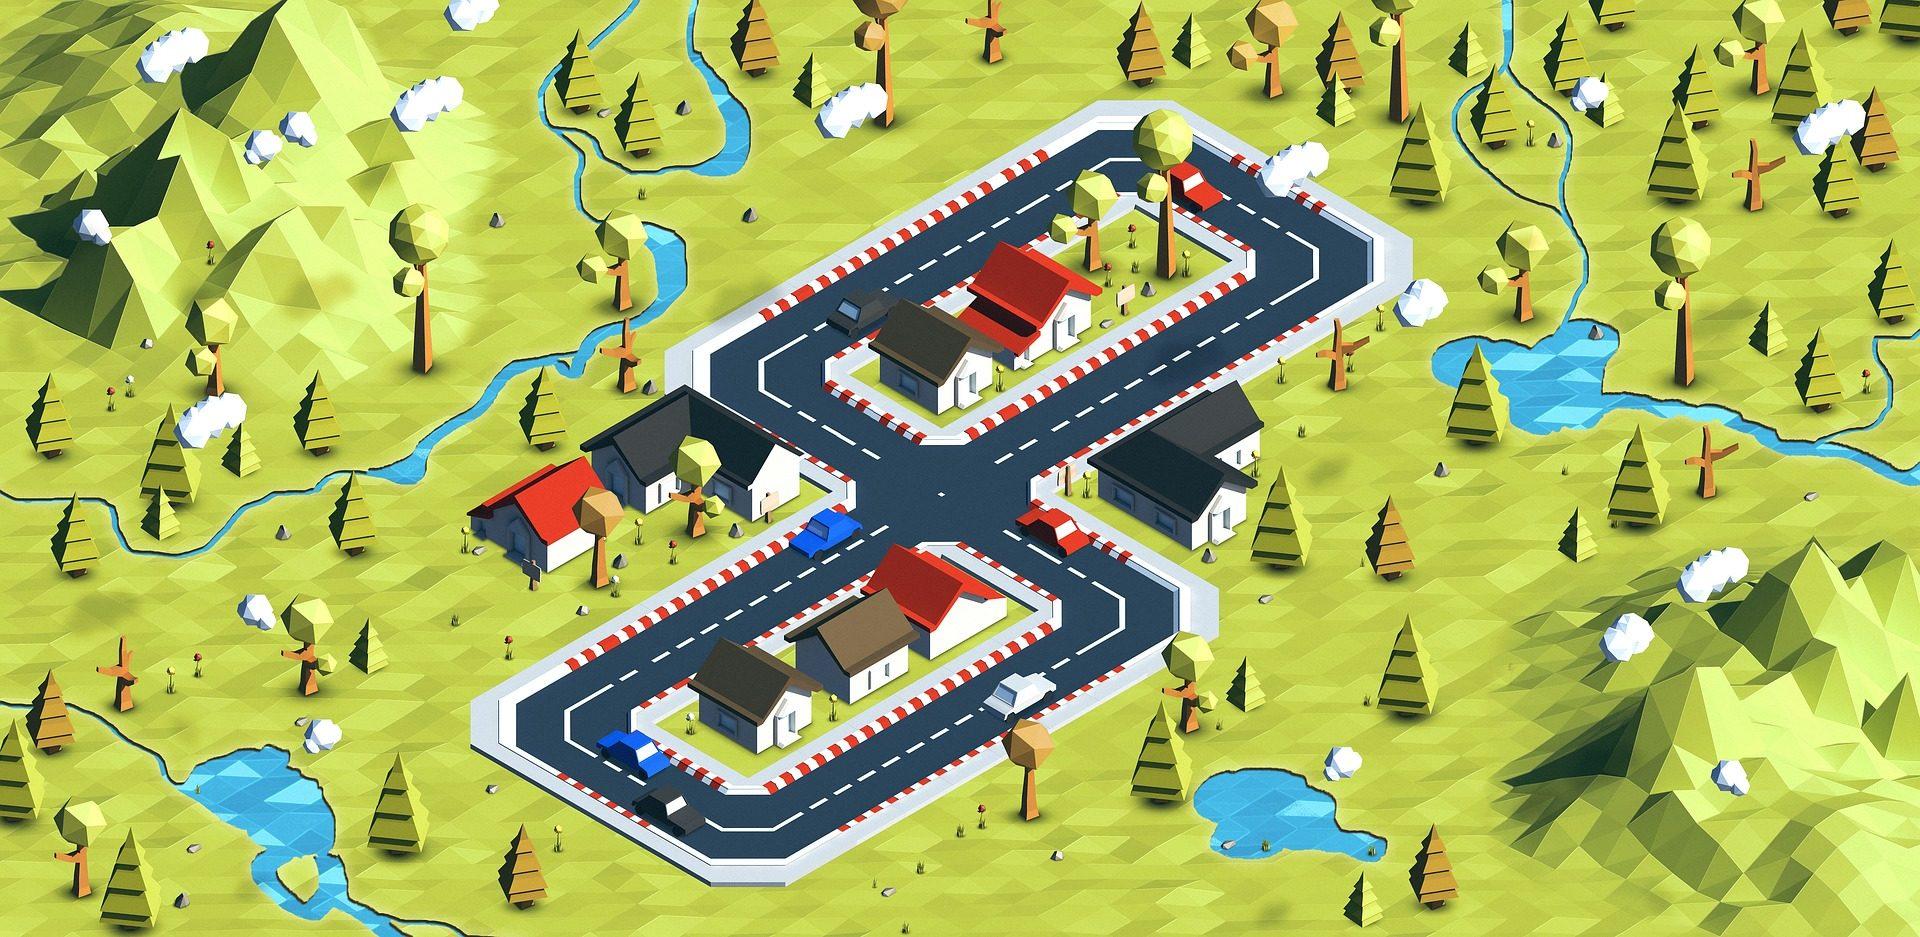 لعبة, مدينة, فيلا, مضلع, متساوي القياس, خريطة, المنازل - خلفيات عالية الدقة - أستاذ falken.com